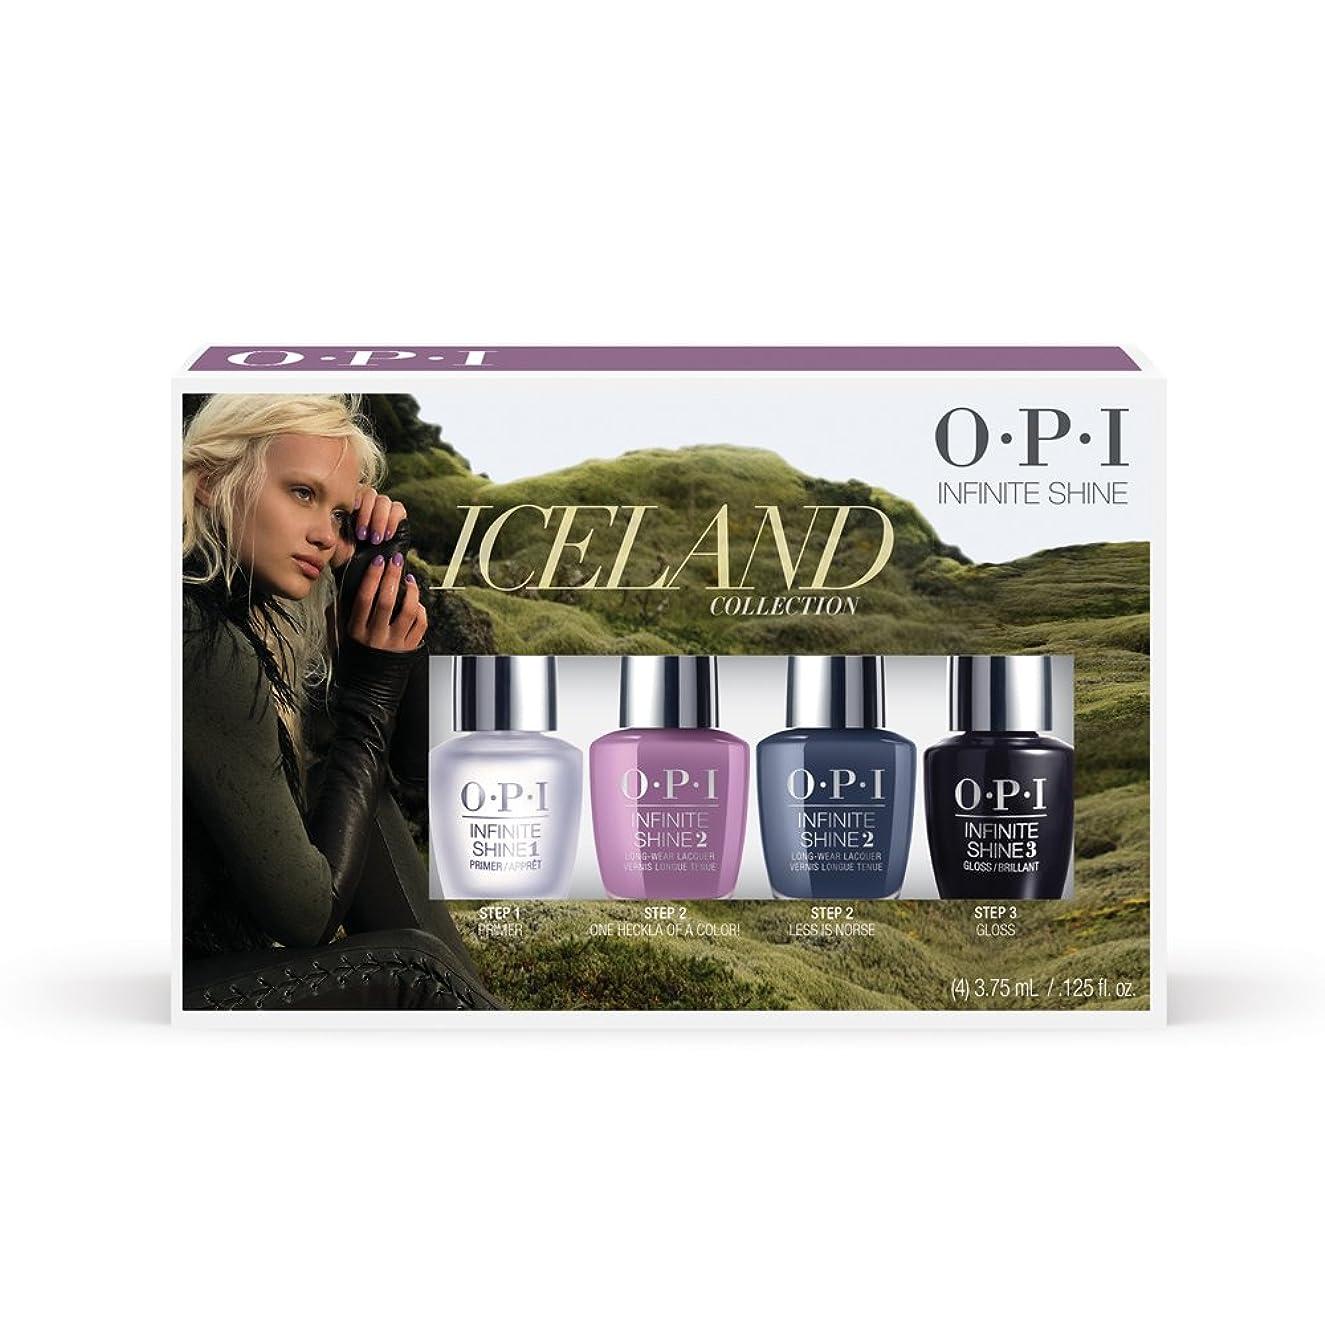 大学生うめき礼儀OPI(オーピーアイ) アイスランド コレクション インフィニット シャイン ミニパック